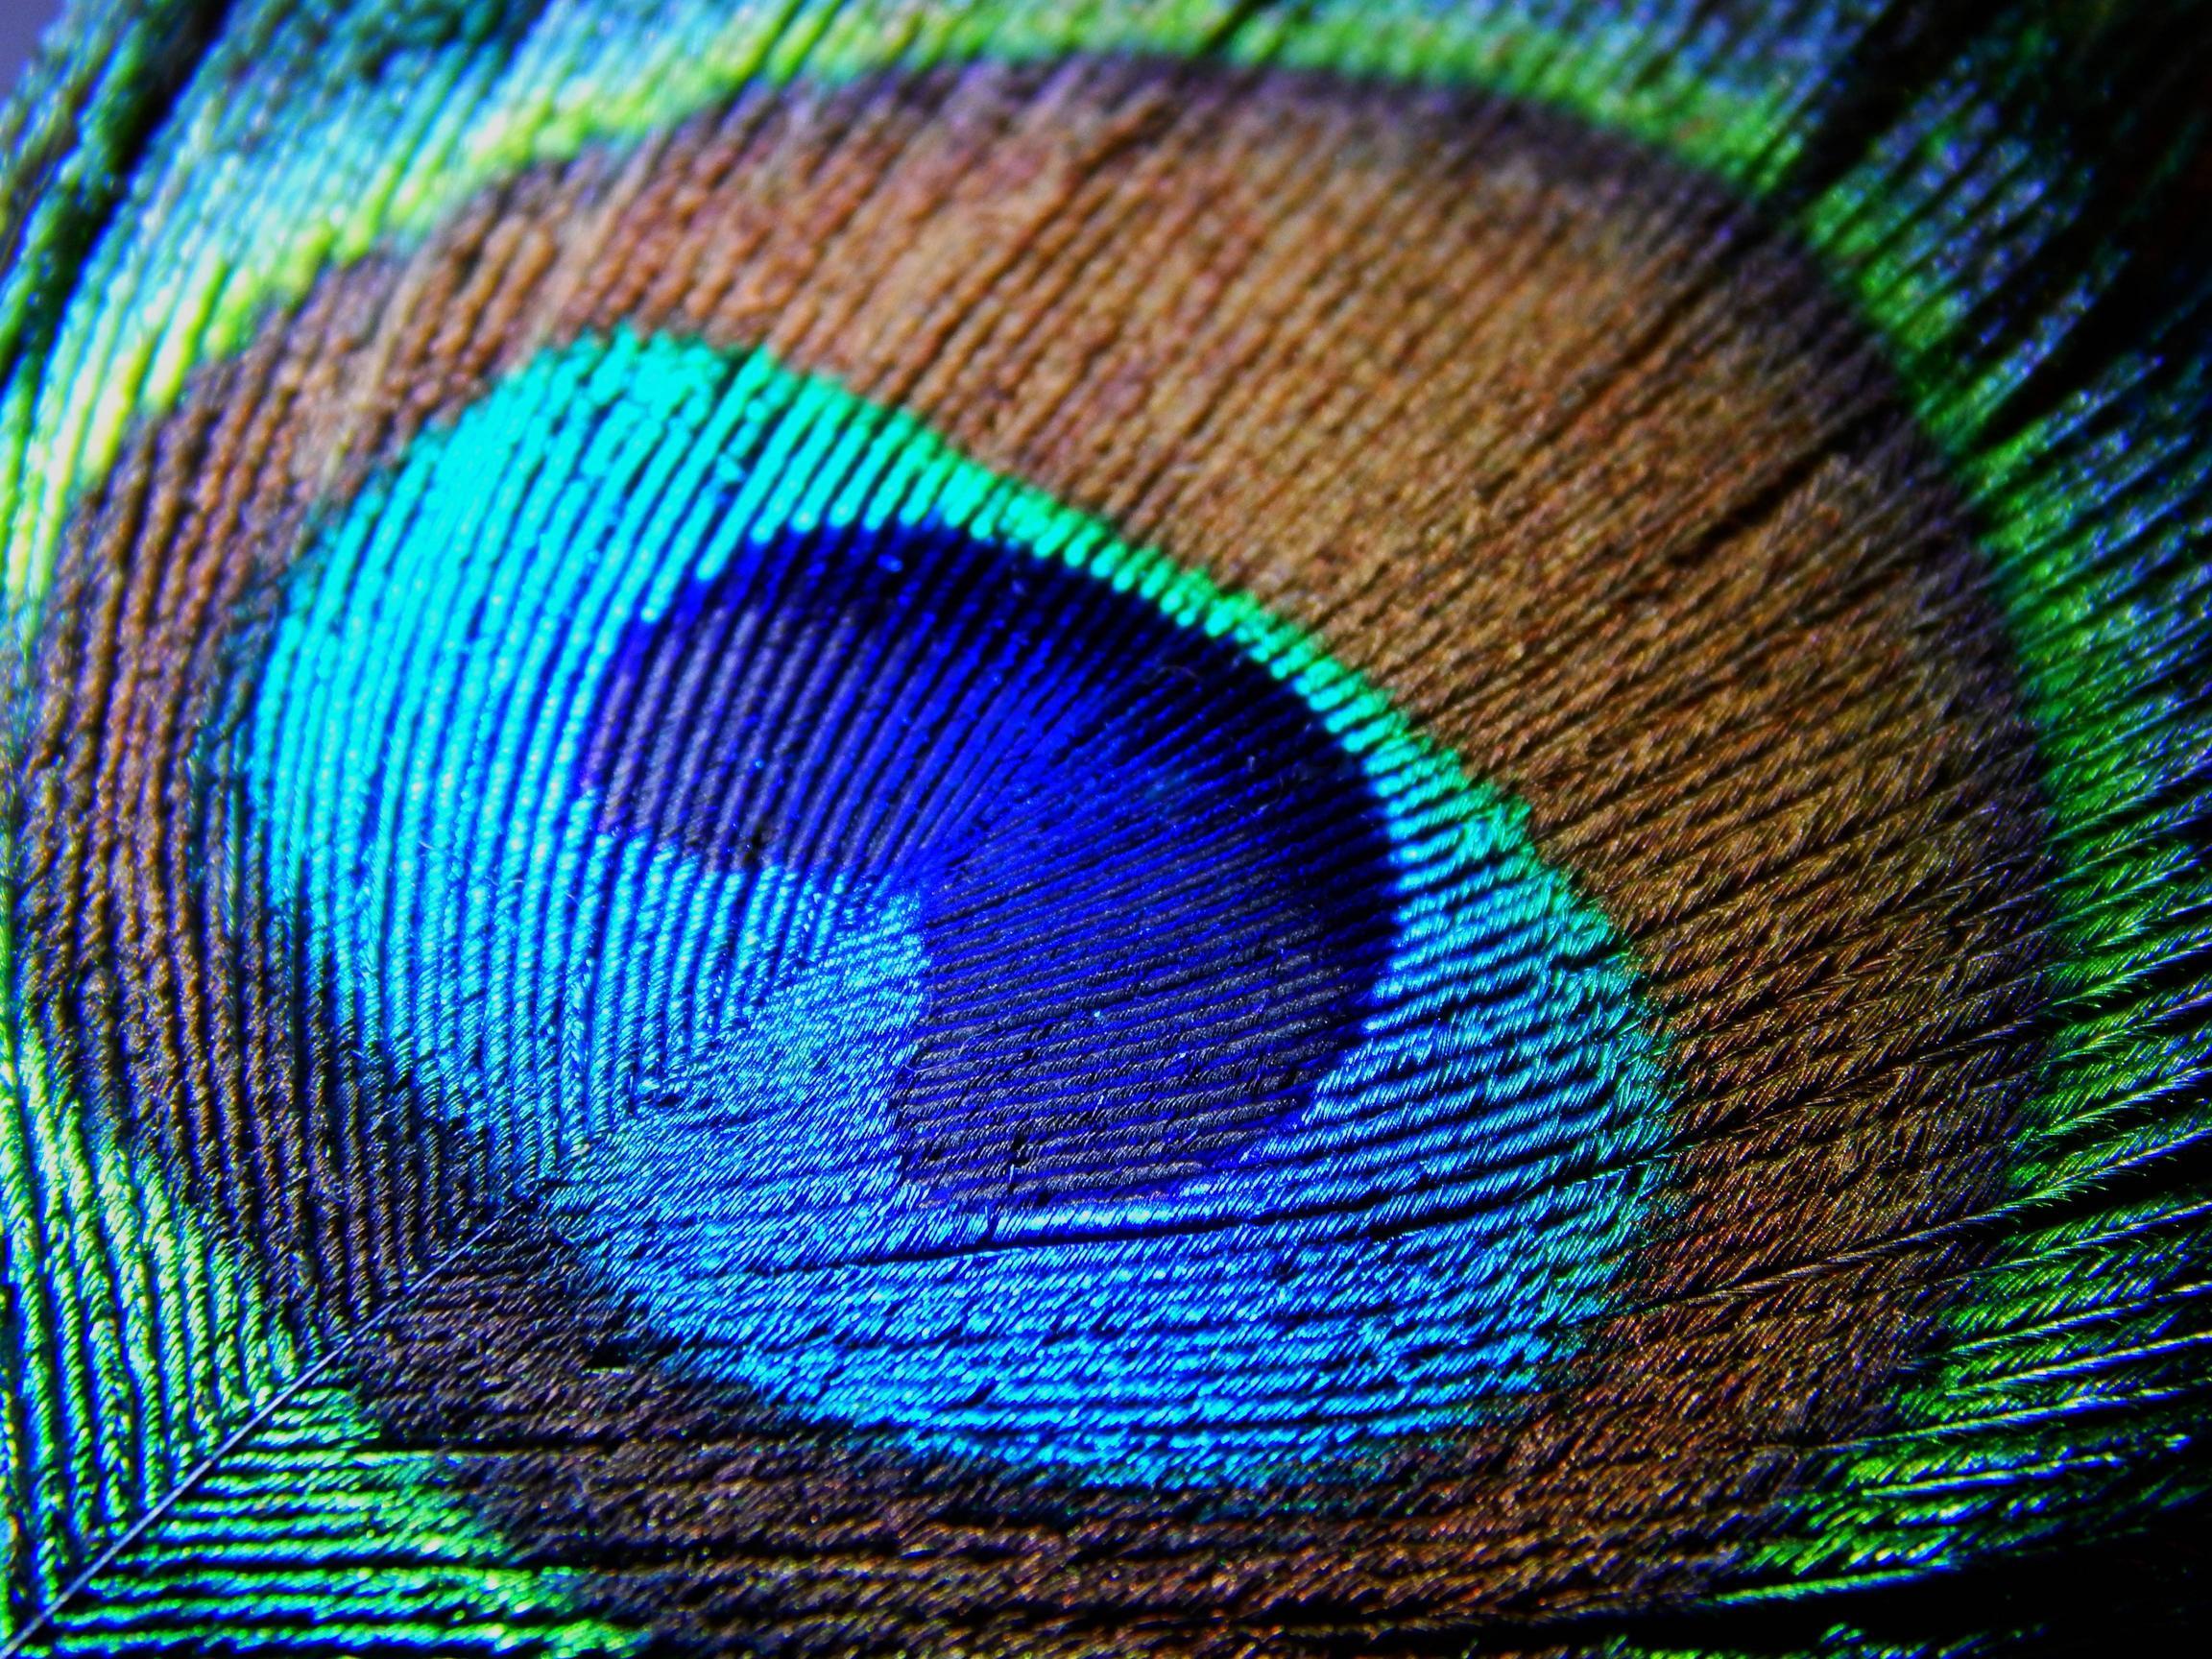 Hd Peacock Feathers Wallpapers Pixelstalk Net